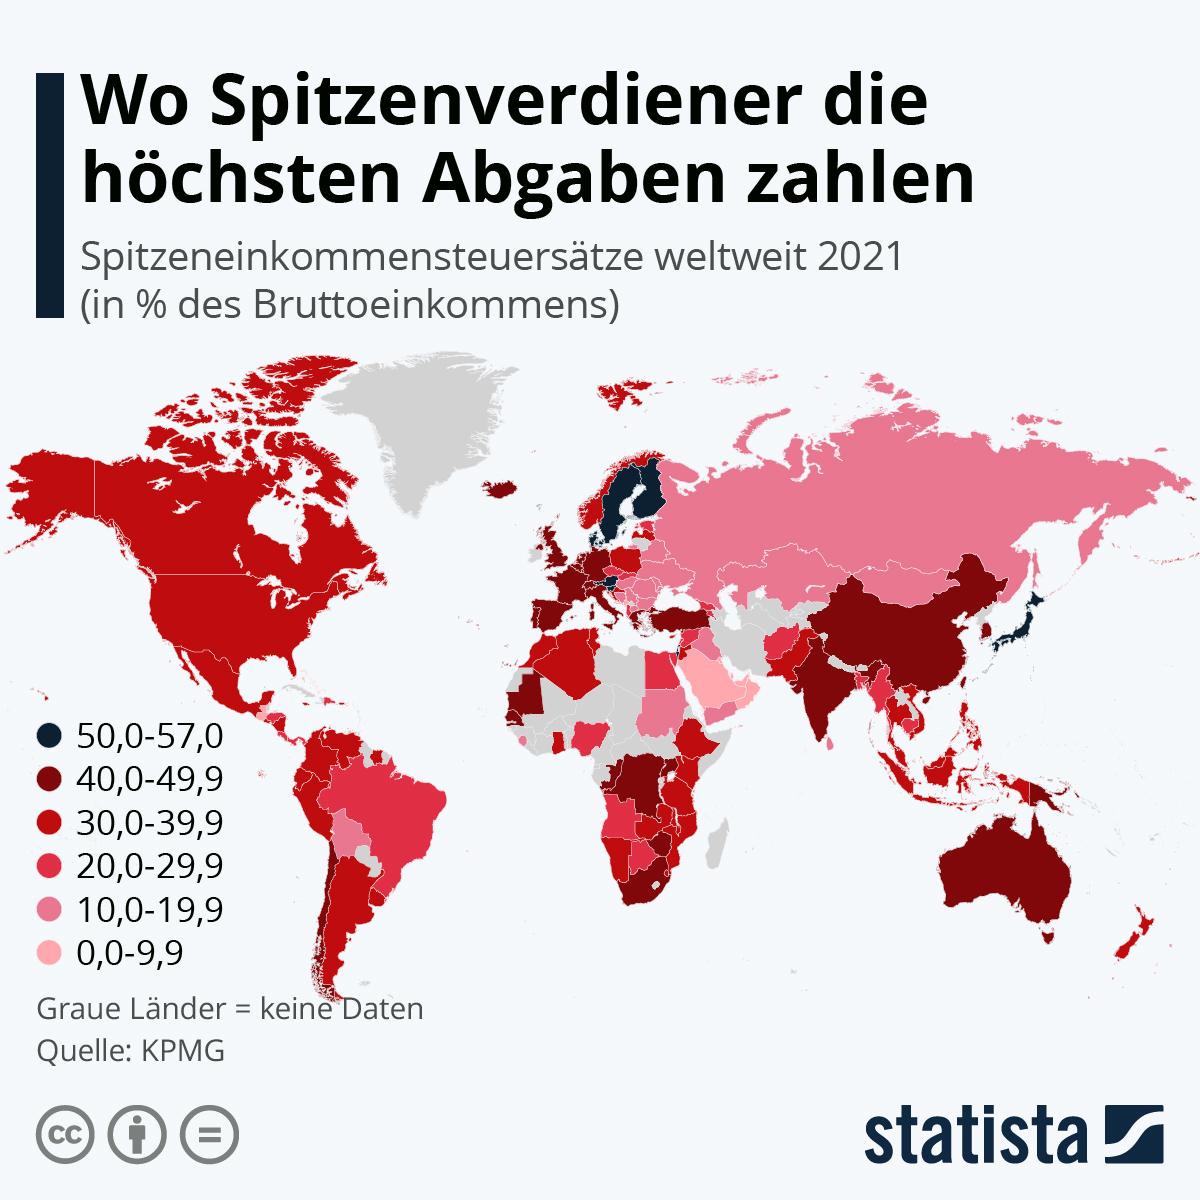 Wo Spitzenverdiener die höchsten Abgaben zahlen | Statista